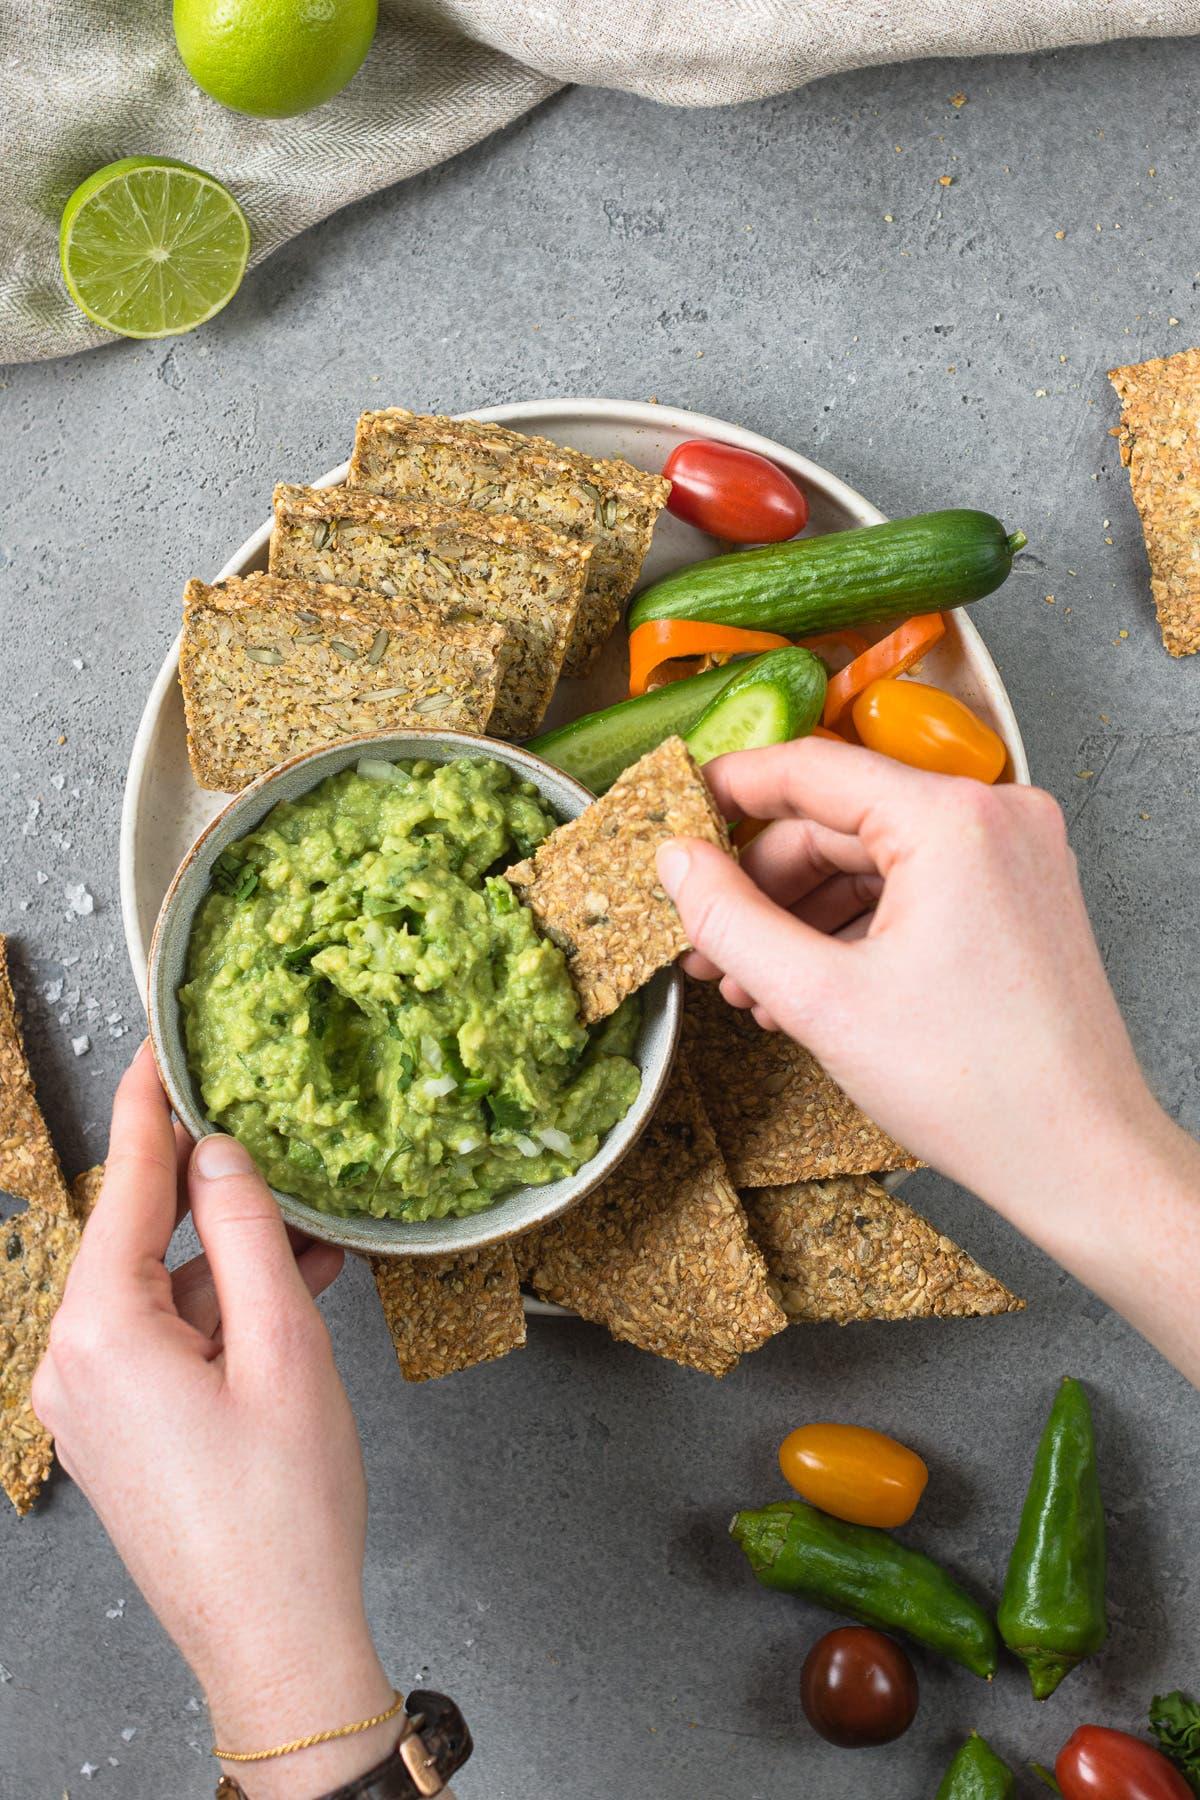 Teller mit Brot und Gemüse und eine Hand die mit einem Cracker in Guacamole dippt.